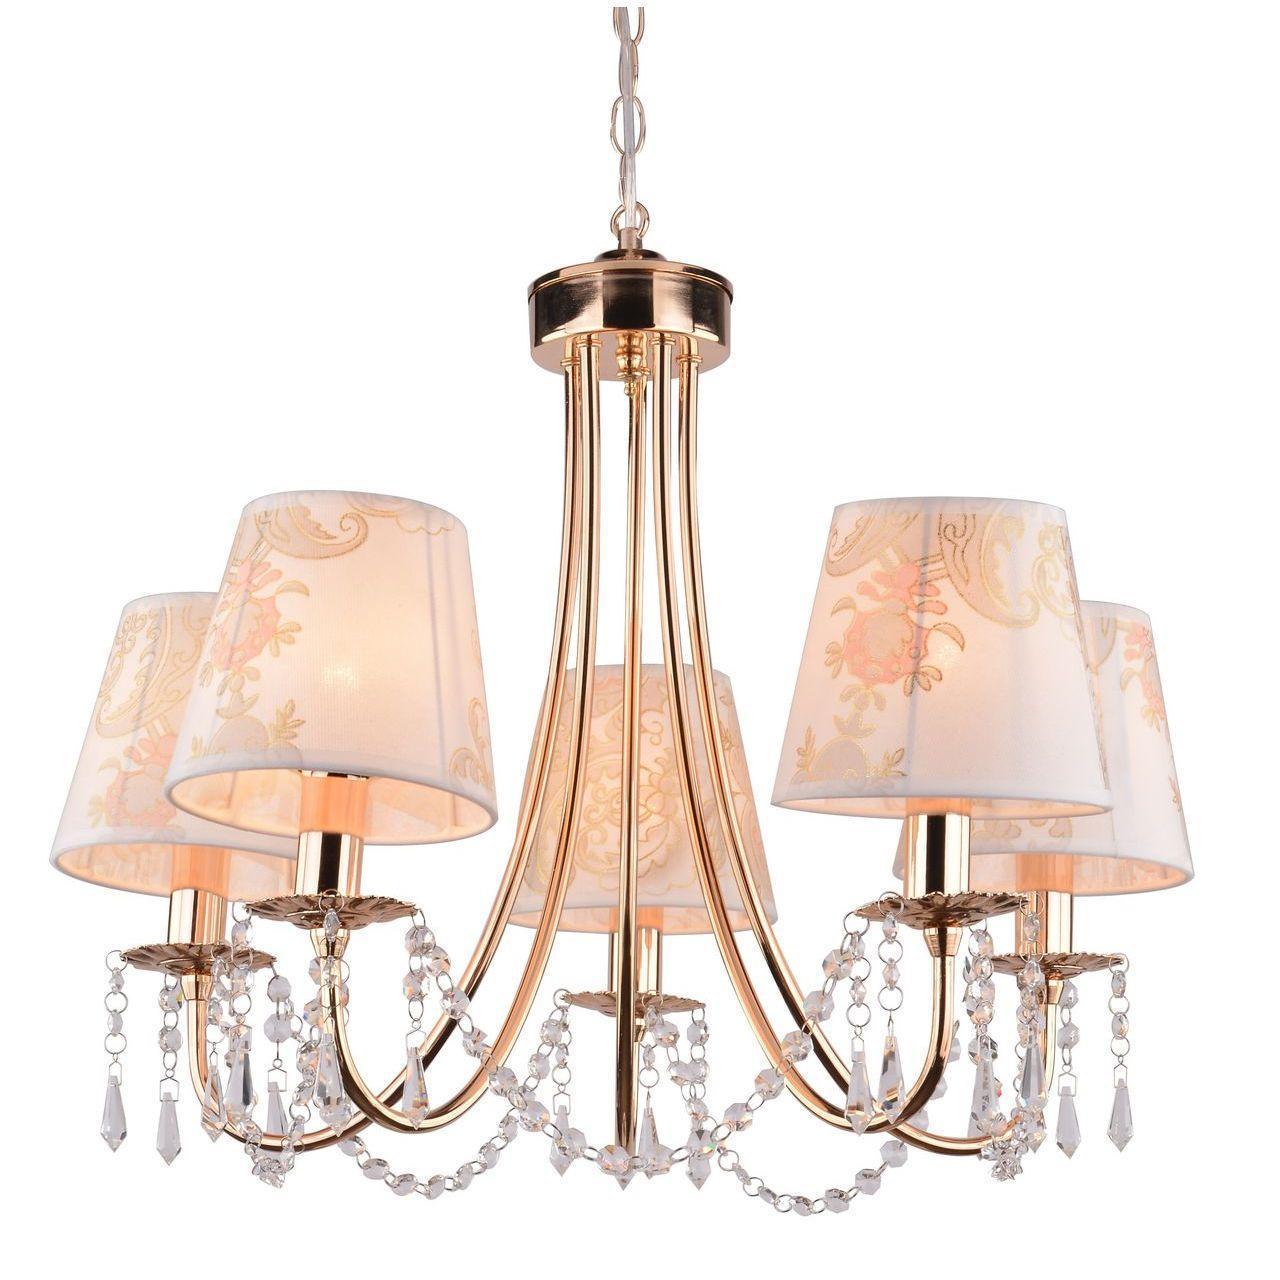 Люстра Arte Lamp Armonico A5008LM-5GO подвесная arte lamp подвесная люстра arte lamp armonico a5008lm 5go